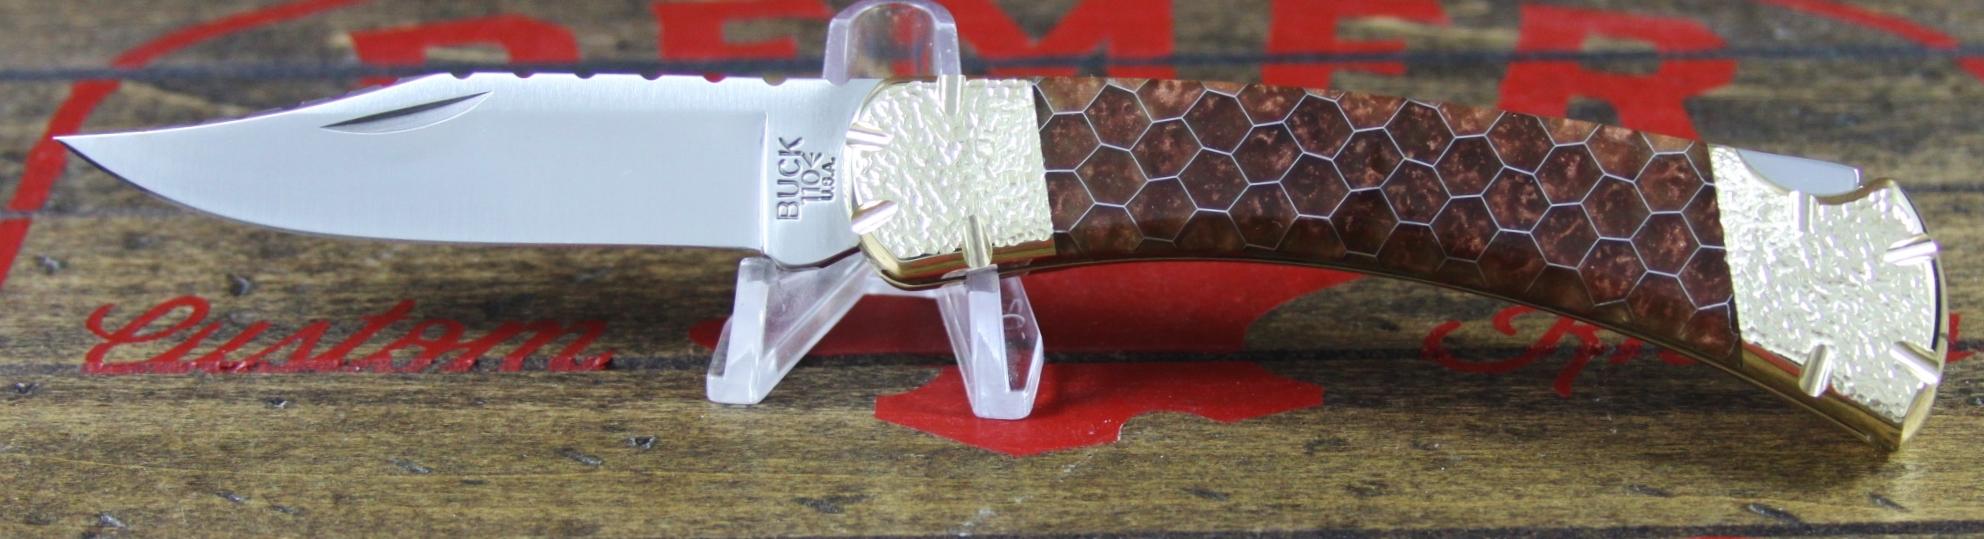 110 Copper Honeycomb - 3